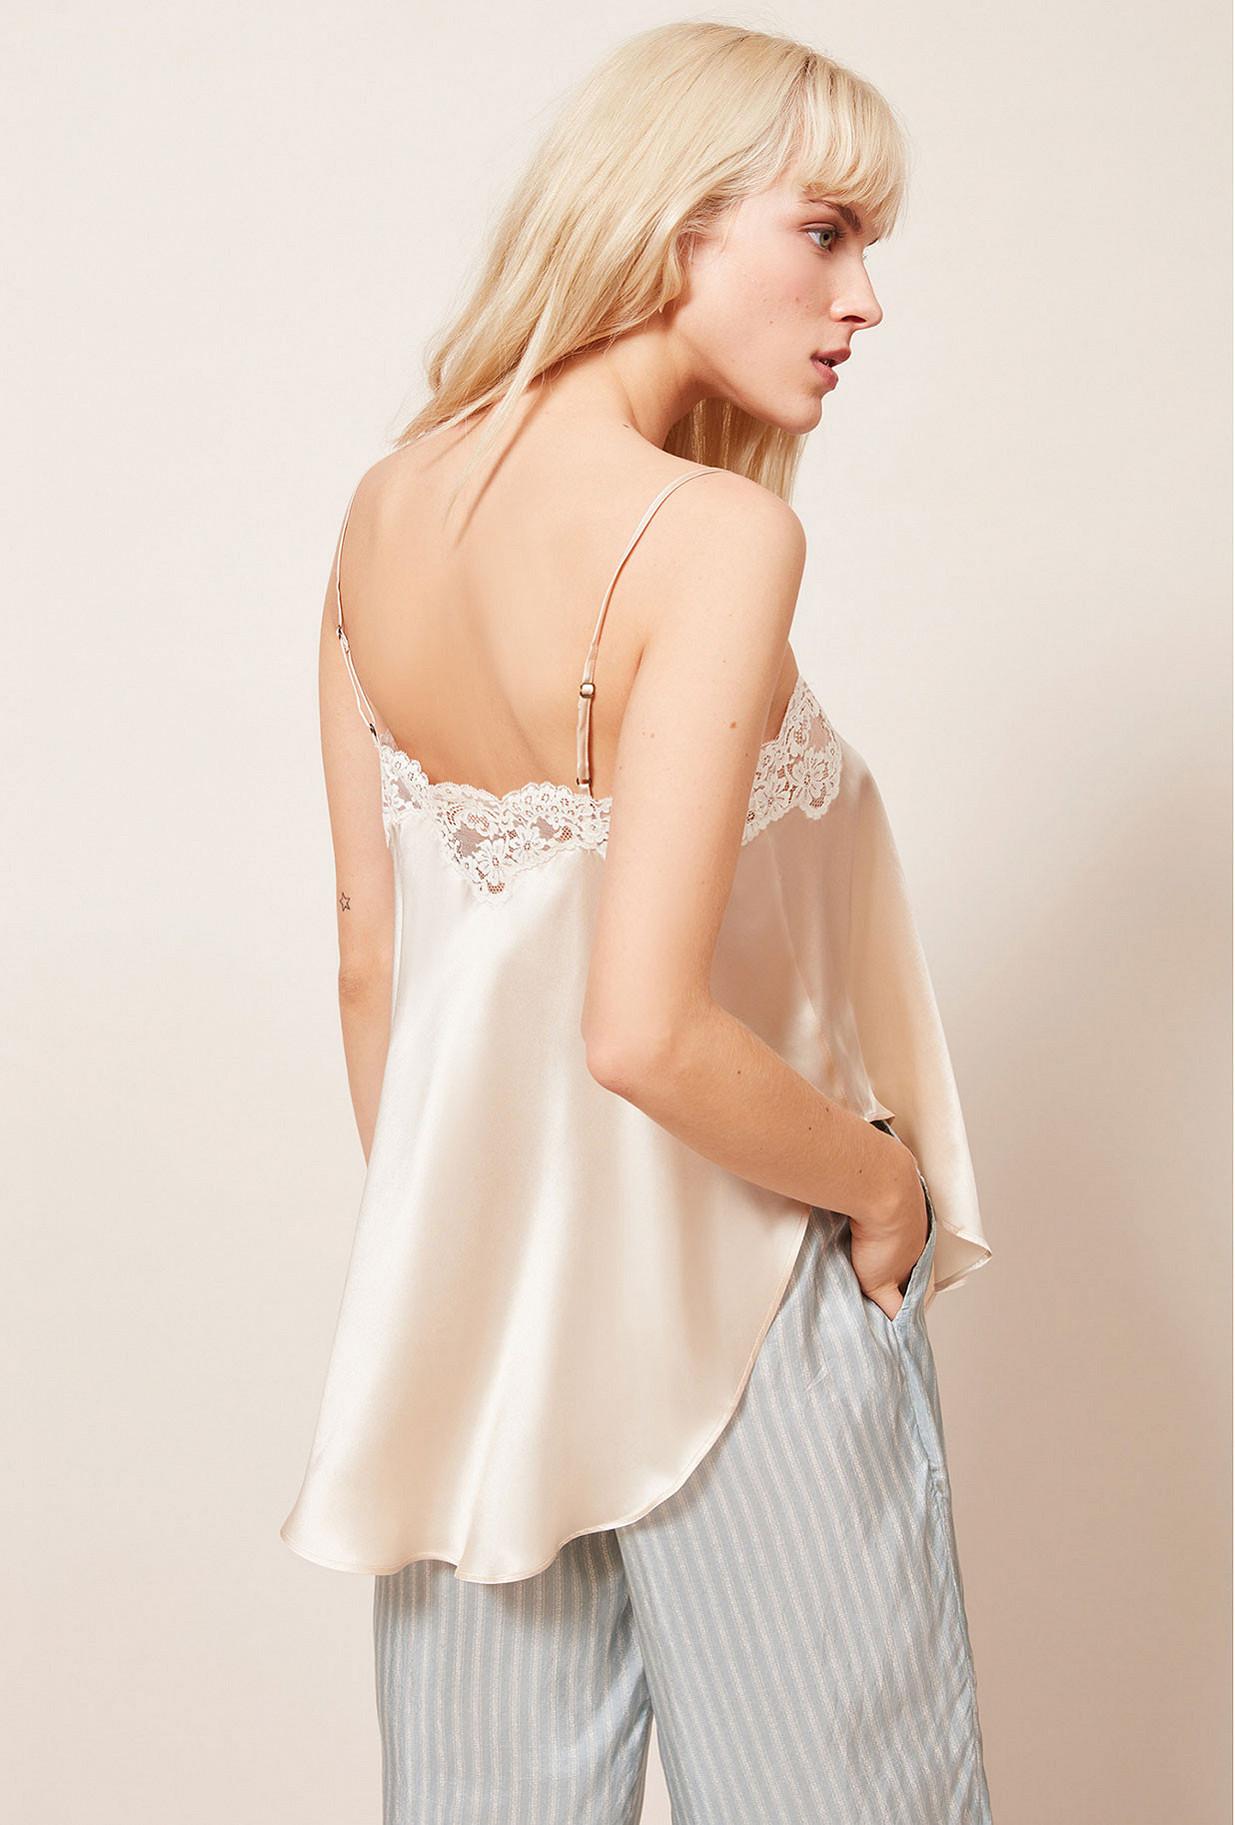 Paris boutique de mode vêtement Top créateur bohème  Geai